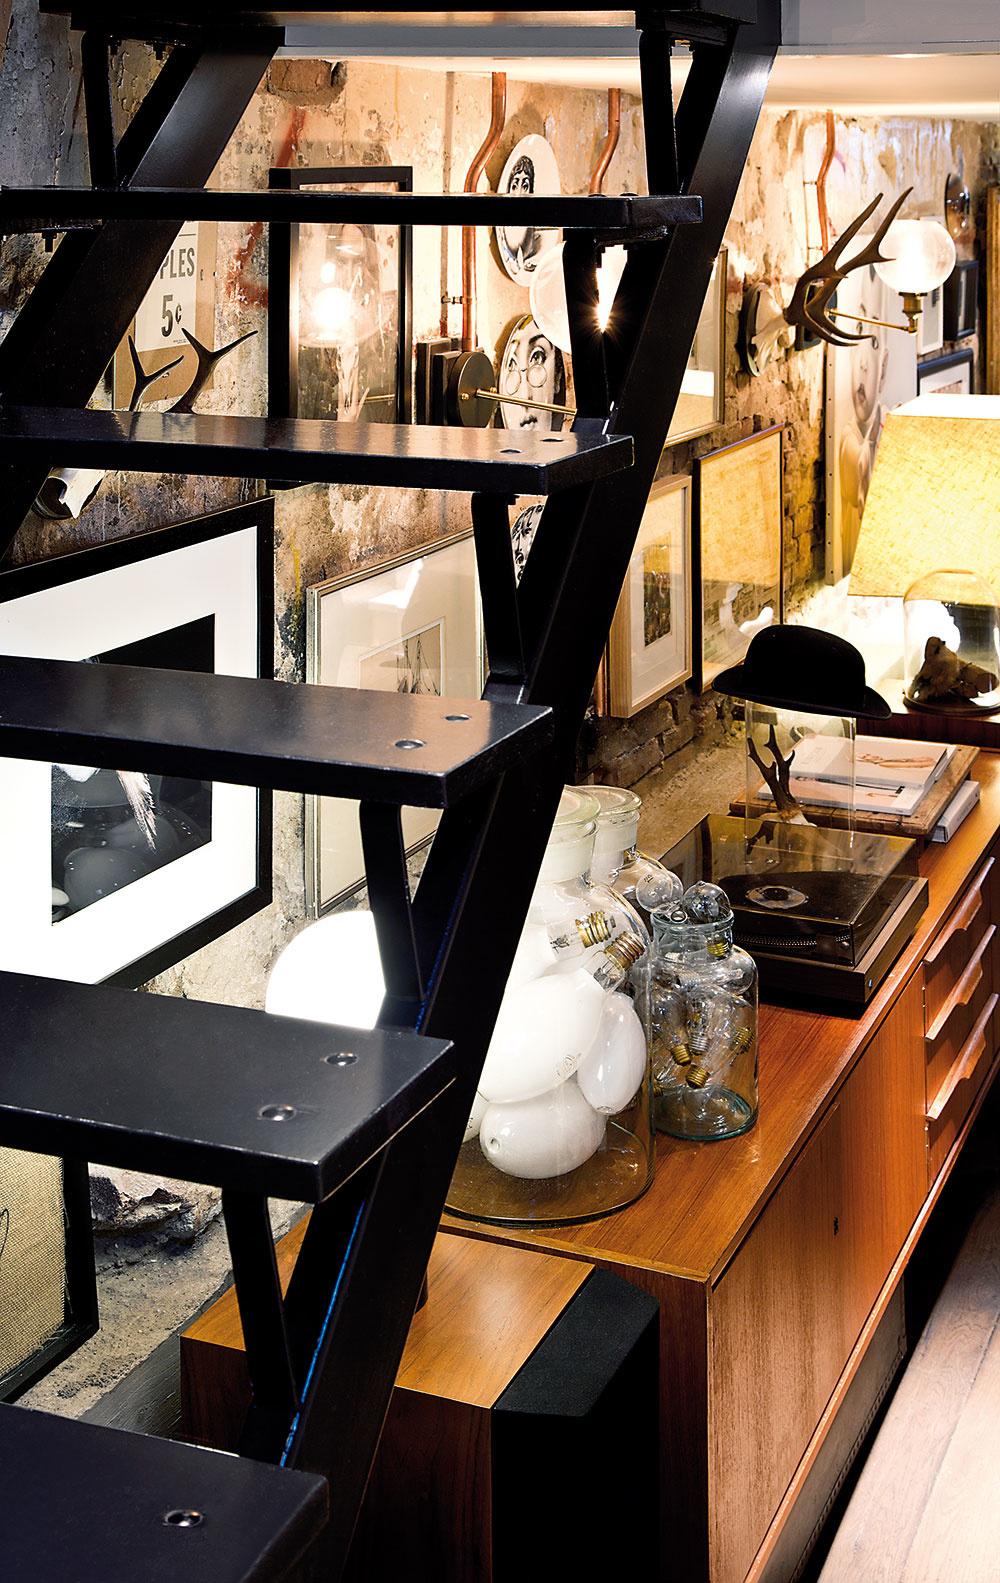 BUDÚCU PODOBU interiéru určili pôvodné stavebné prvky domu. Rekonštrukcia odhalila železobetónovú konštrukciu amyšlienka na industriálne ladený štýl snádychom retra bola na svete. Zachovaný zostal hrubý betón, kovové profily aj obnažené tehly. Pribudli priečky ahorné poschodie, na ktoré vedie kovové schodisko.